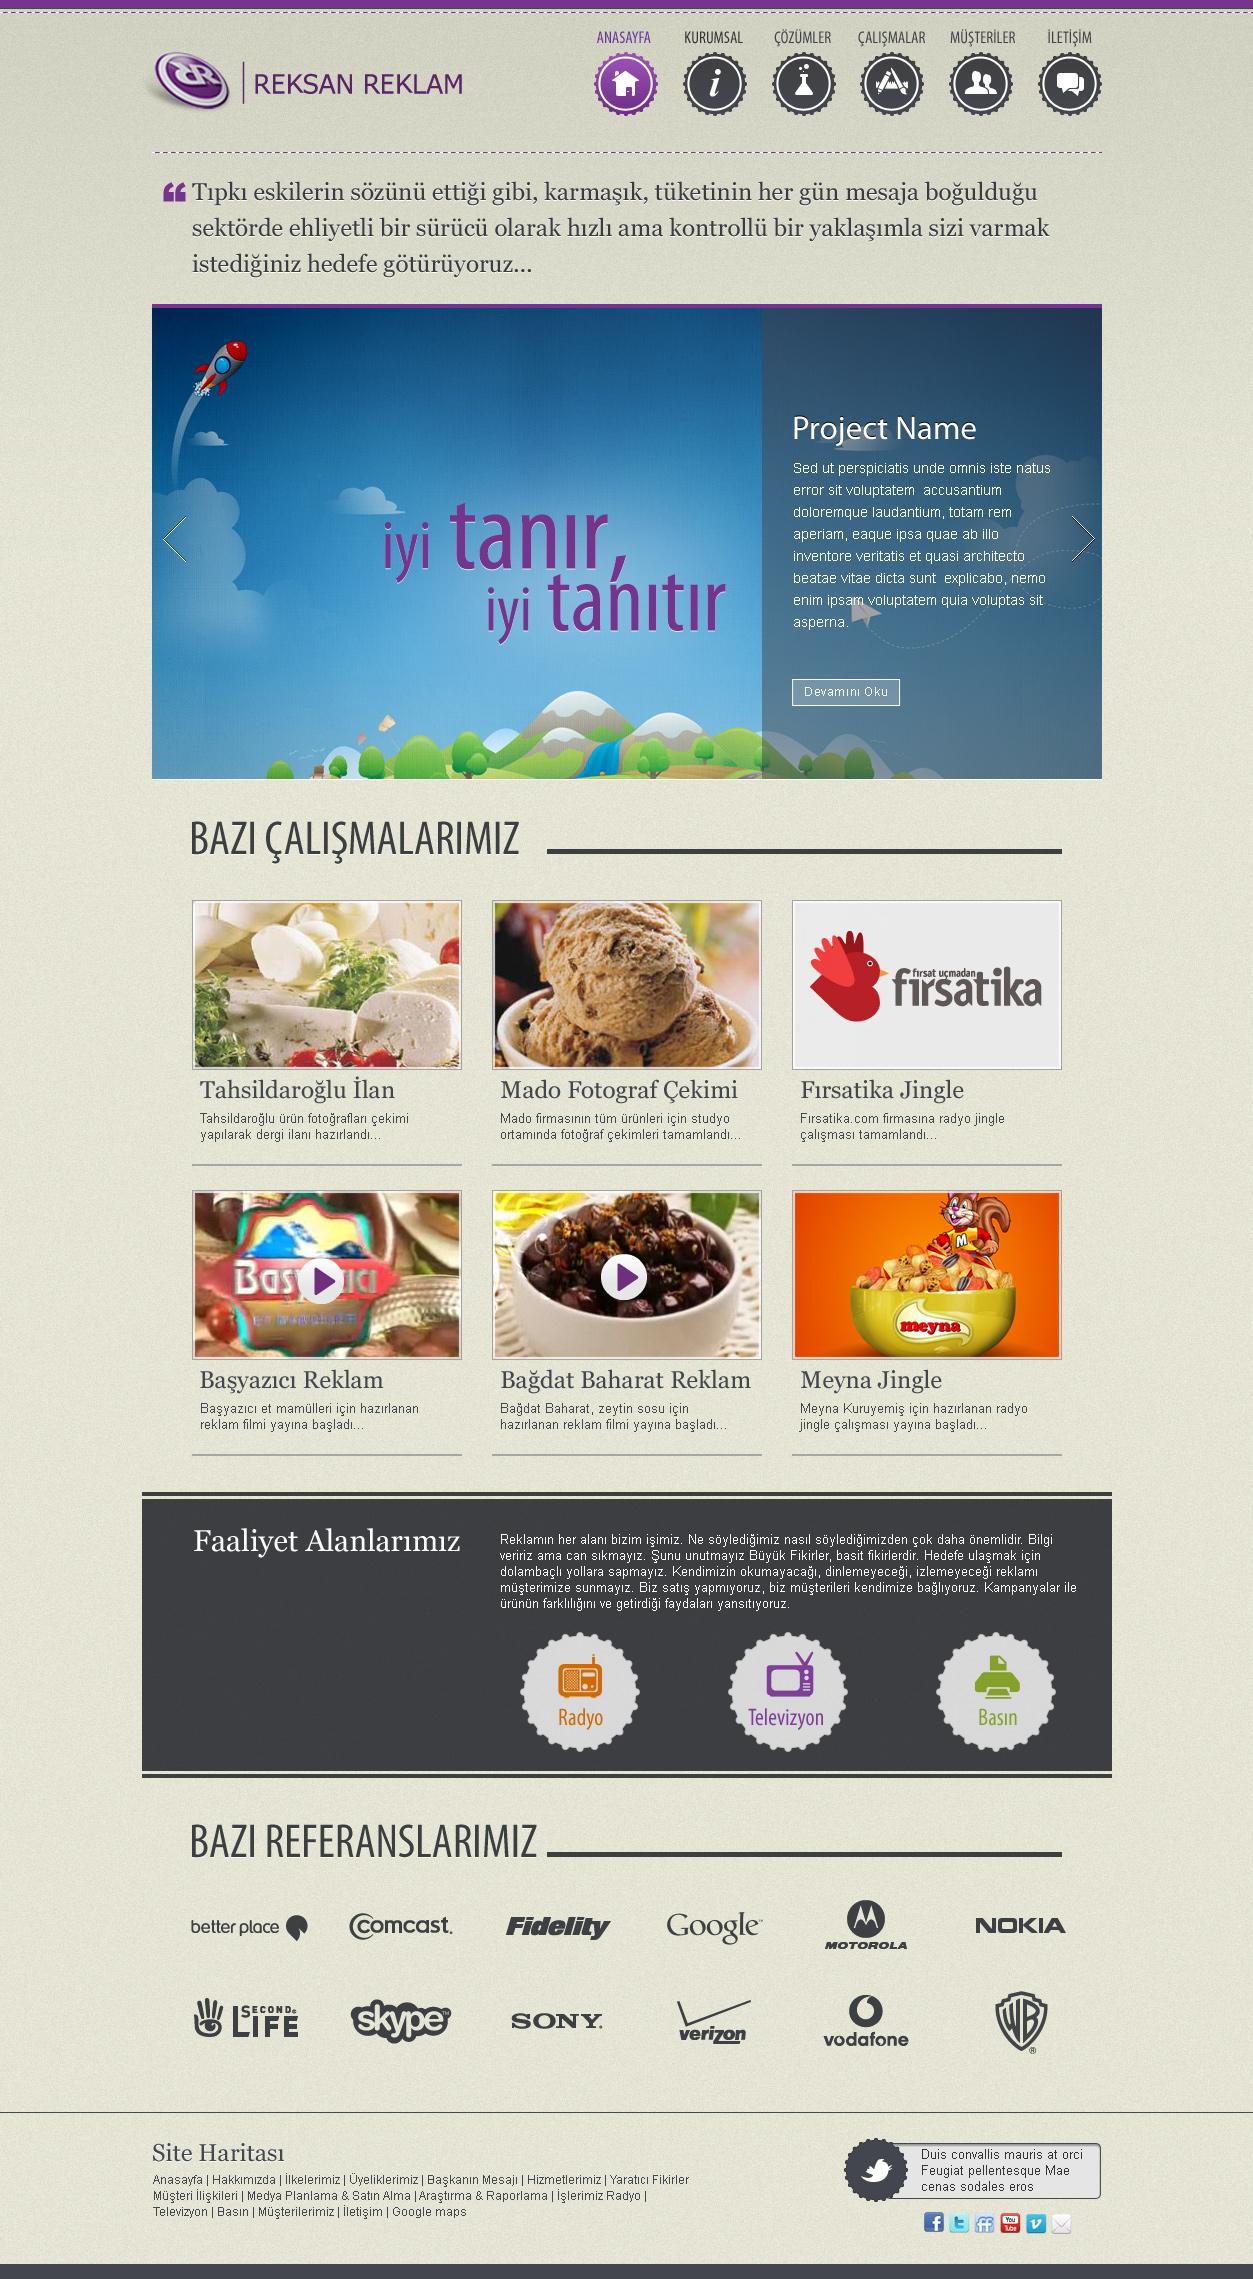 reksanreklam.com